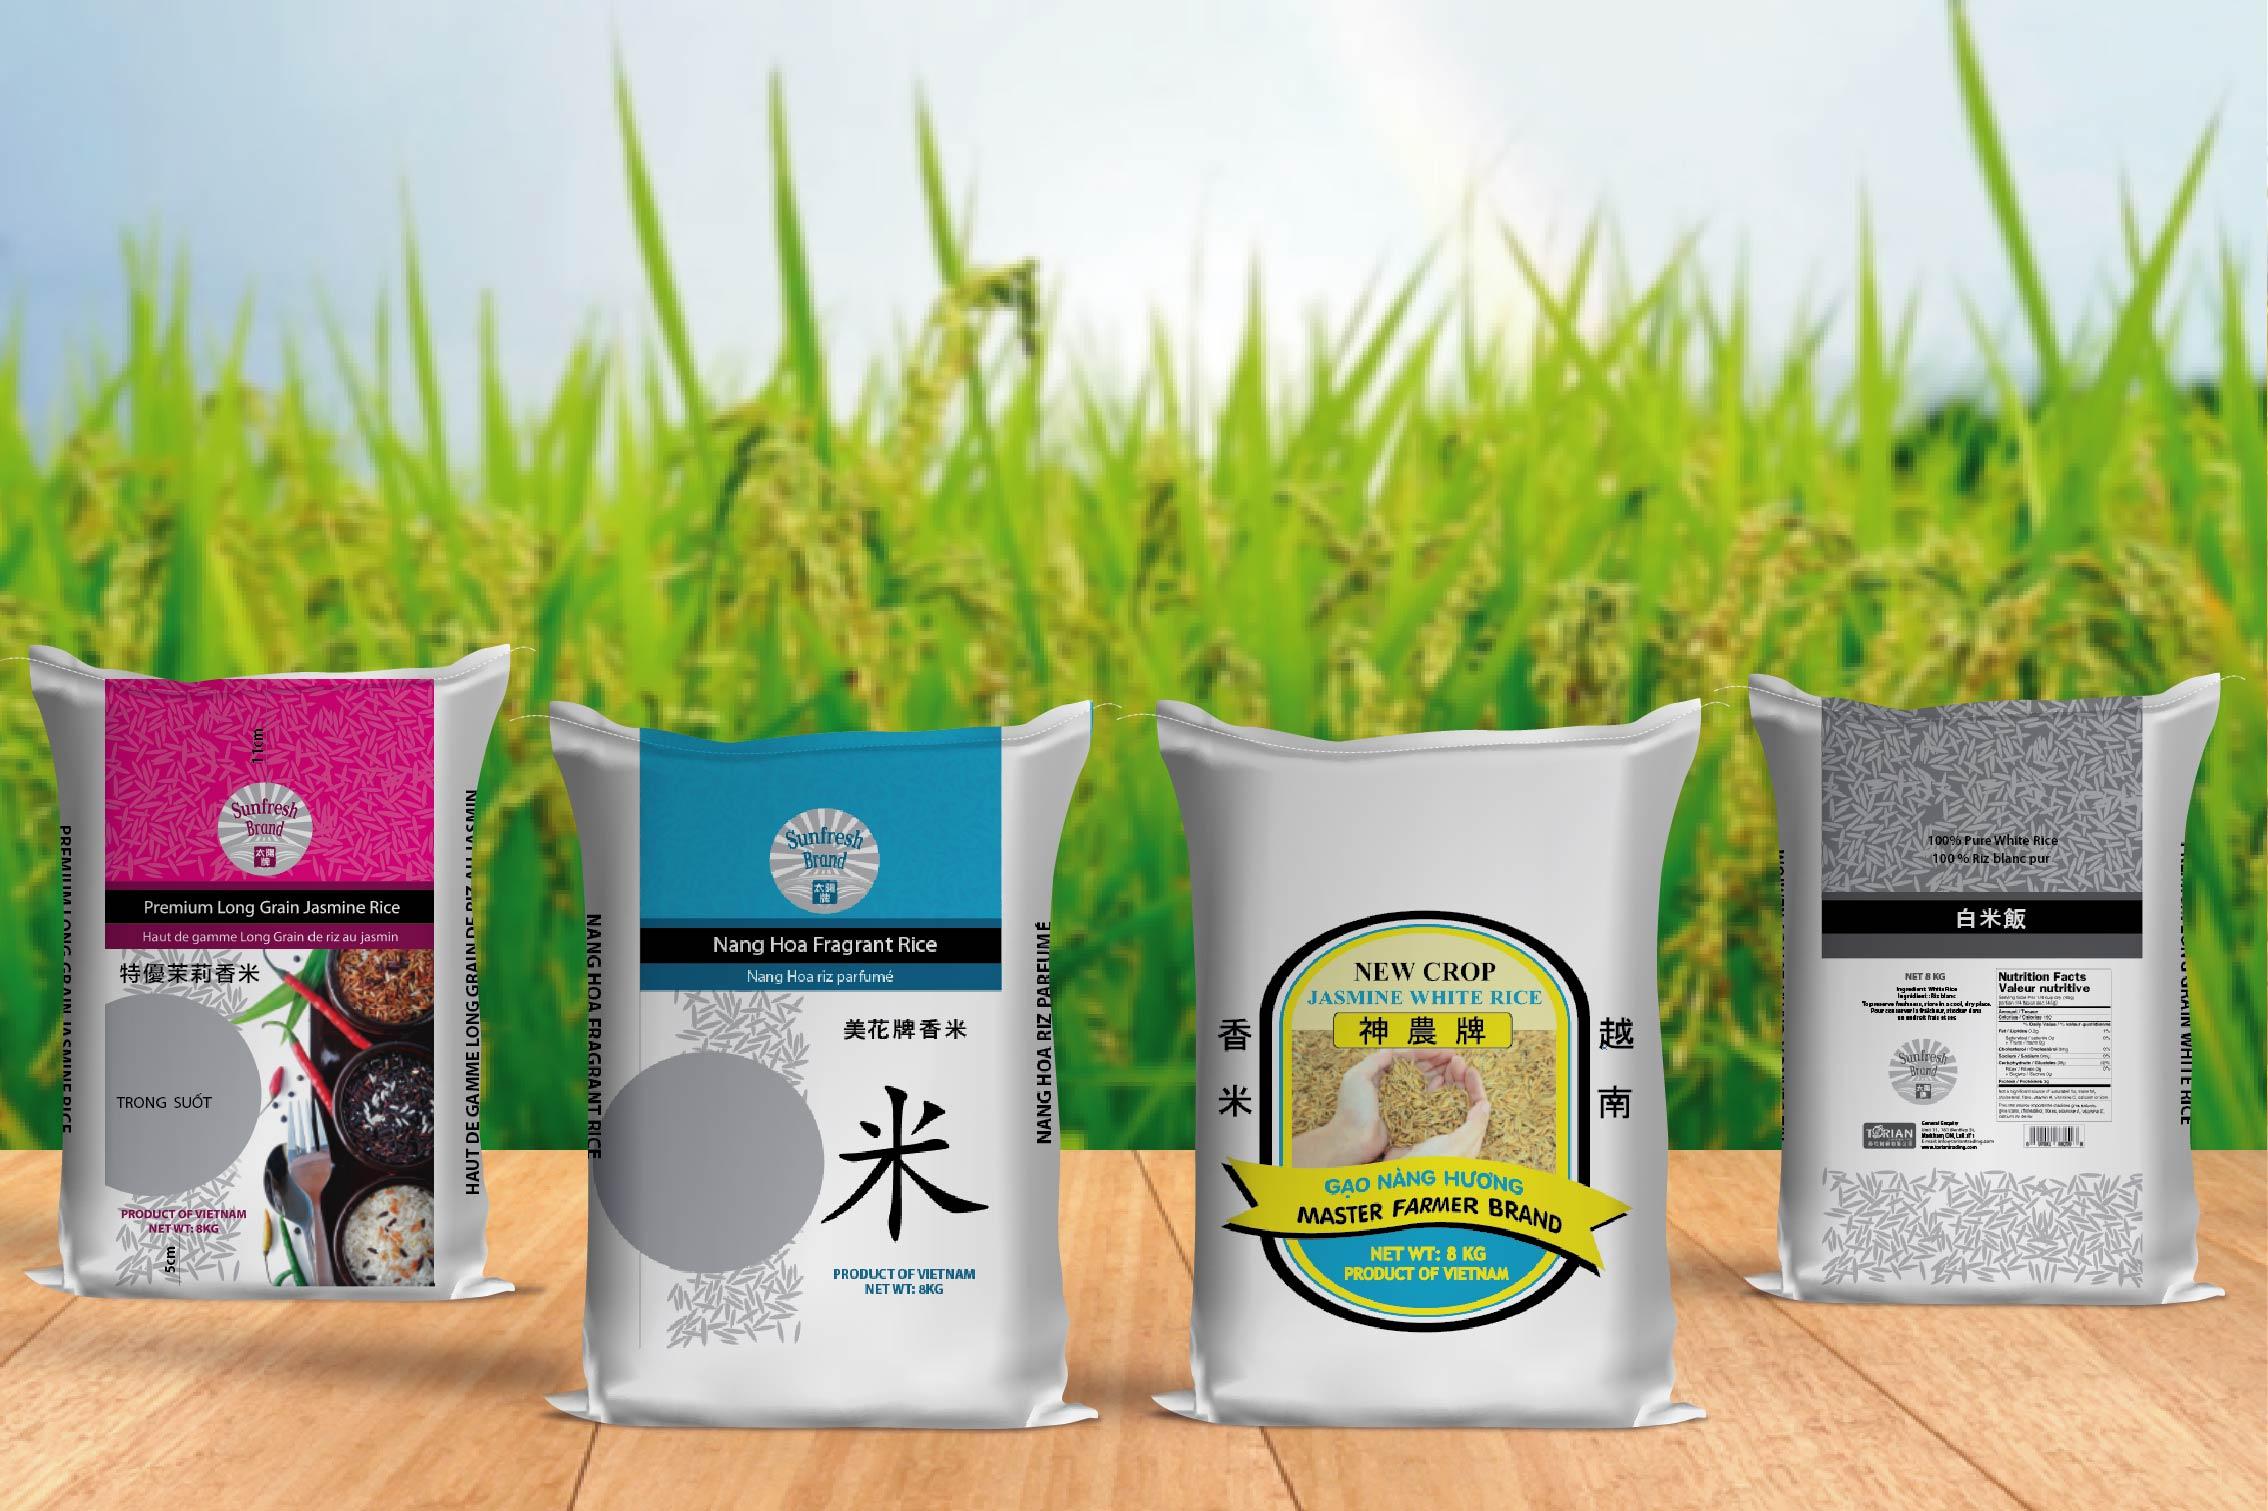 Bao bì gạo thiết kế ấn tượng sẽ thu hút được người dùng - bao đựng gạo